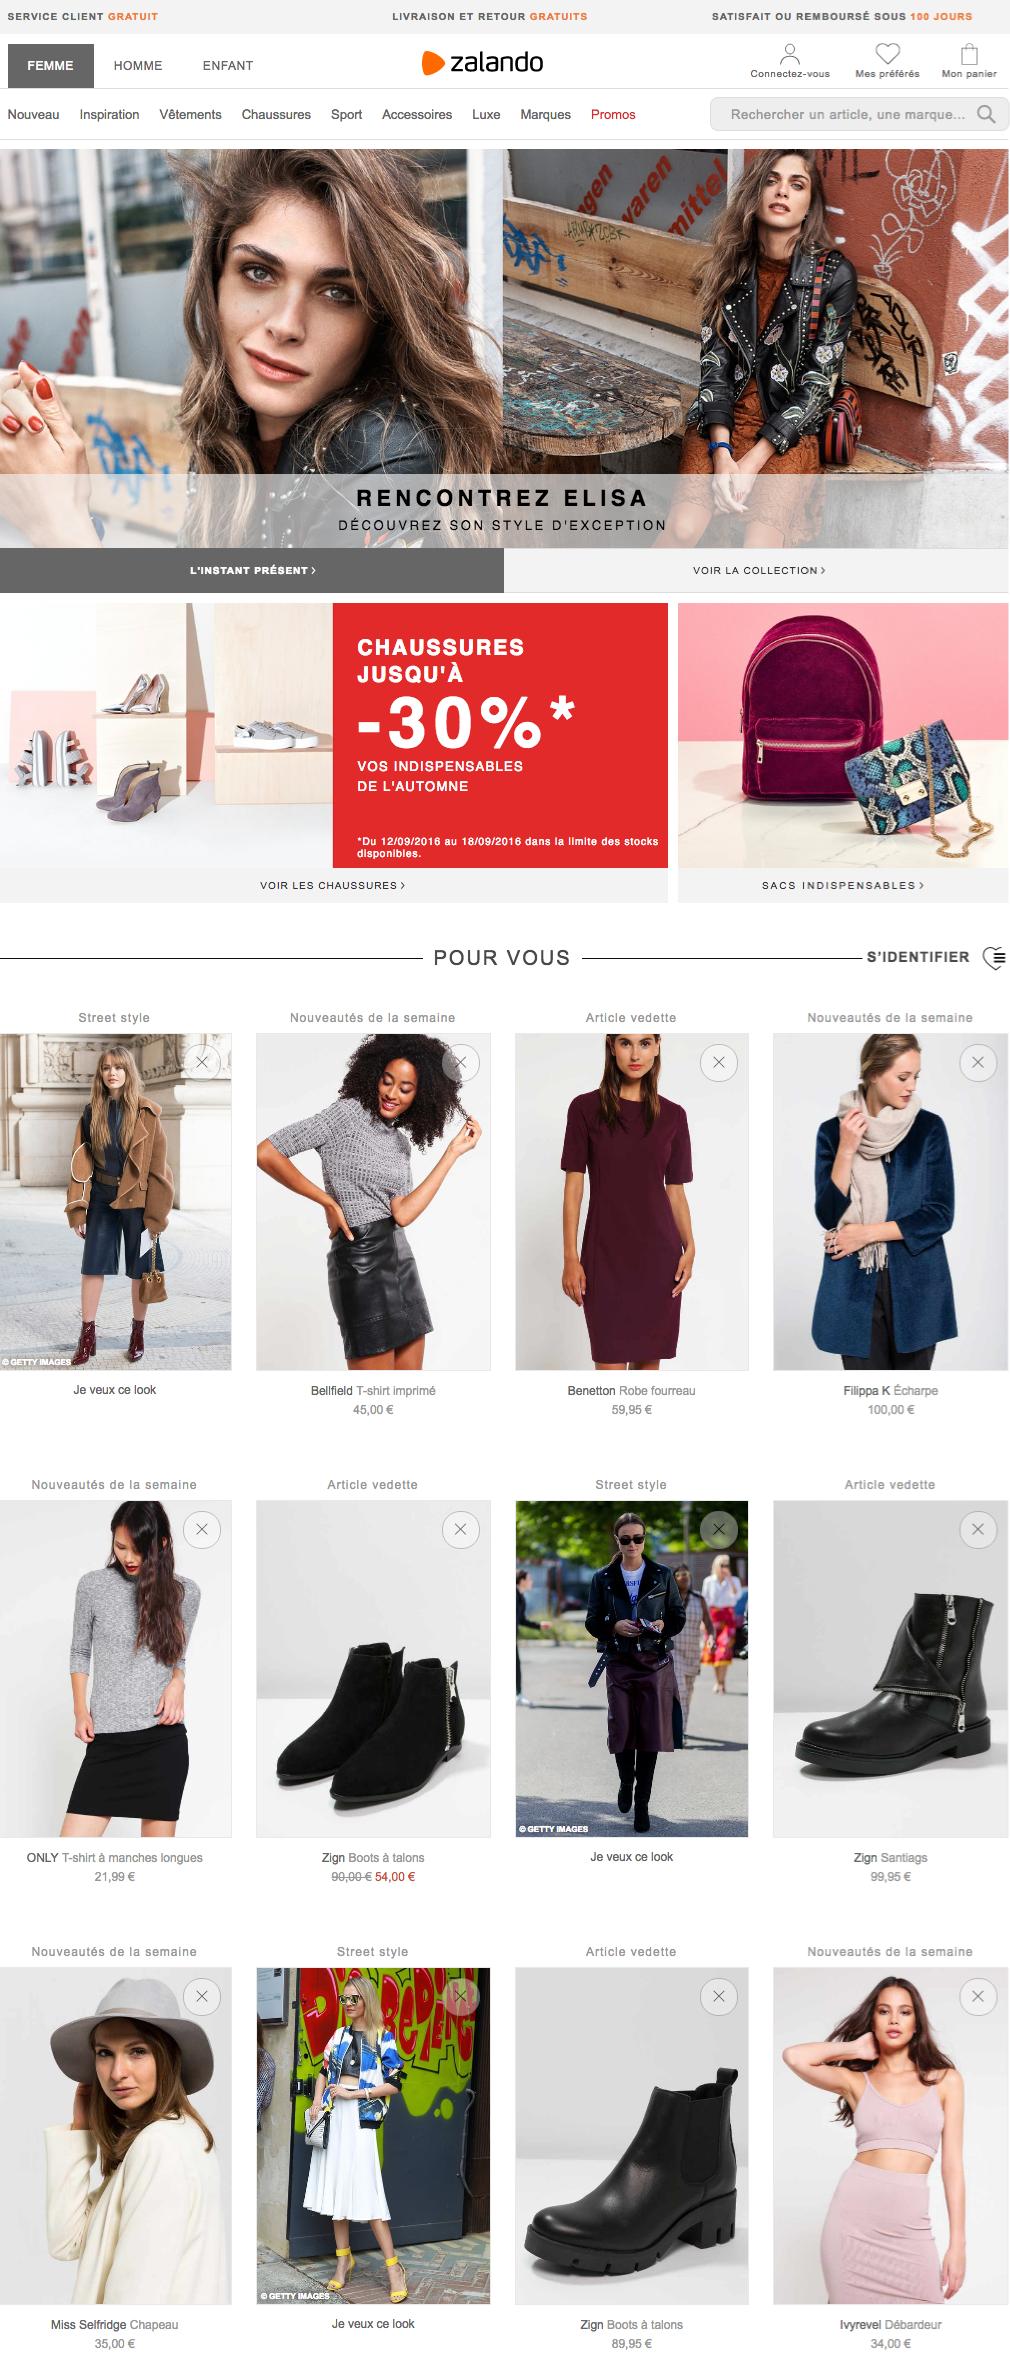 Chaussures et vêtements homme | Zalando Promotions